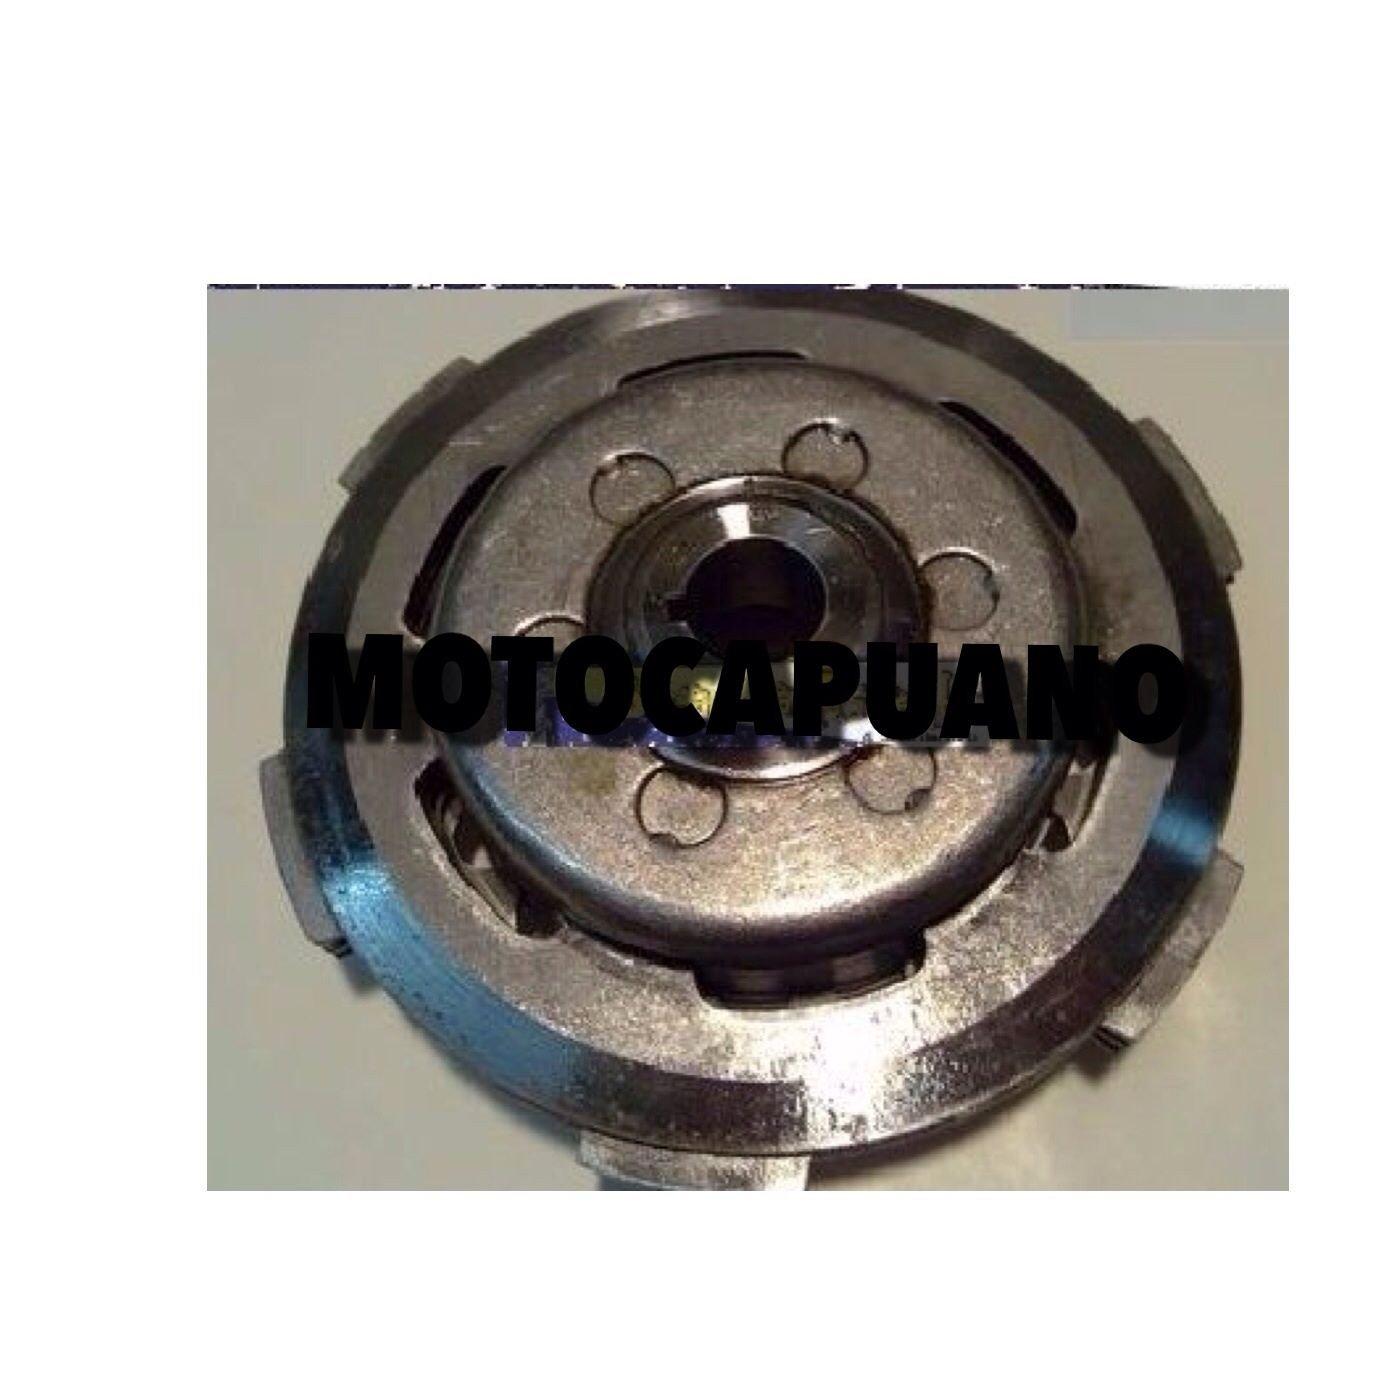 2898935 - FRIZIONE COMPLETA ORIGINALE PIAGGIO APE 50 FL EUROPA CROSS RST MIX MotoCapuano 400946567504